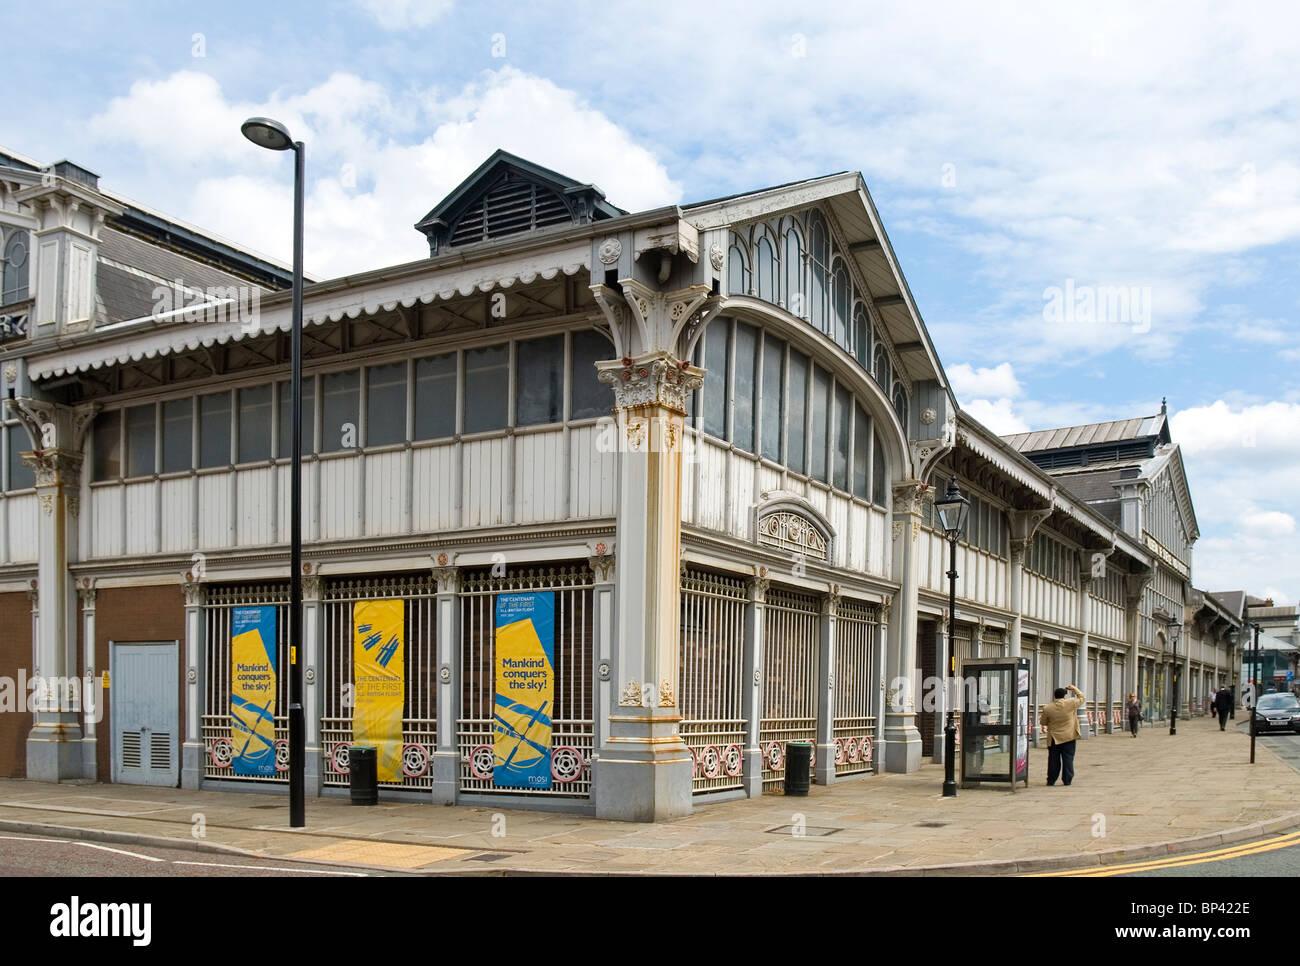 Le Musée des sciences et de l'industrie à Manchester (MOSI), situé à Manchester, Angleterre. Photo Stock